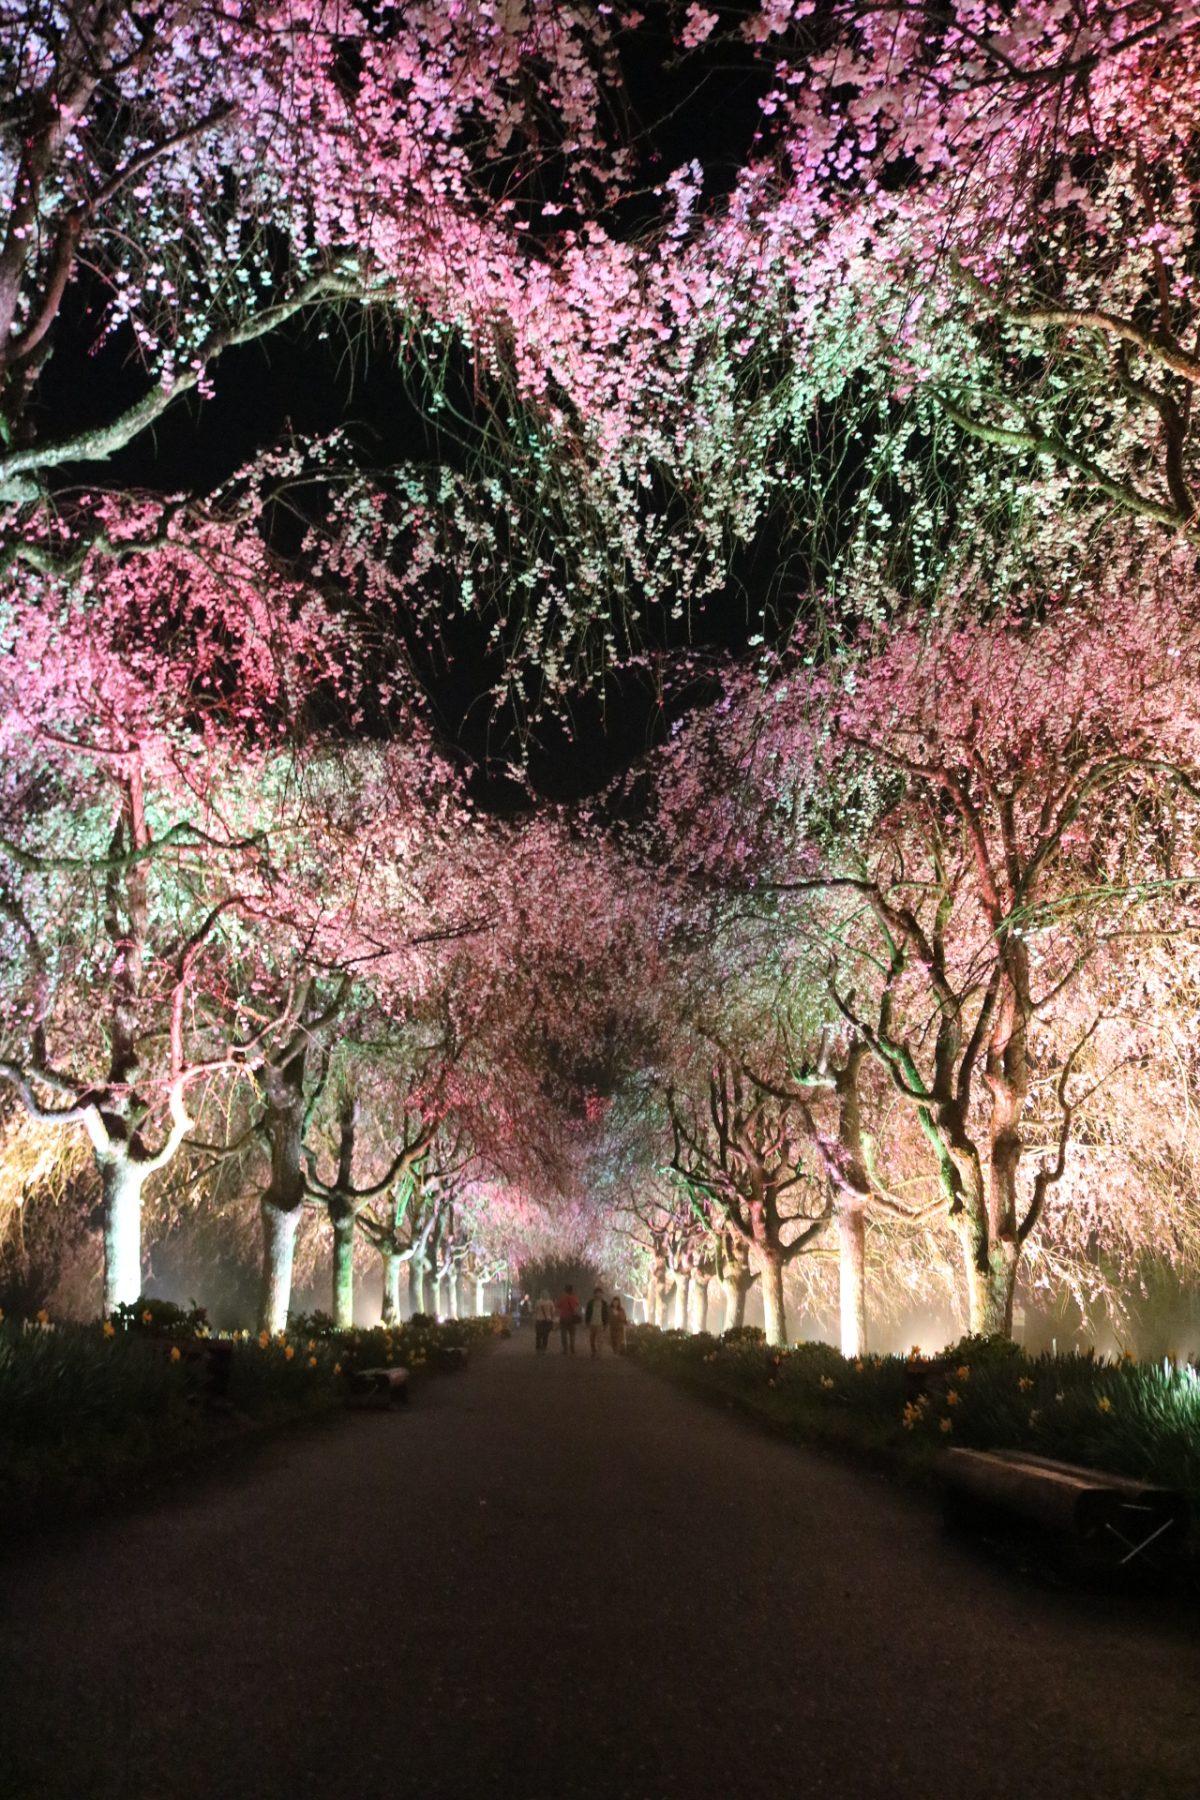 2017年4月15日 【京都府緑化センター ライトアップ】 福知山市夜久野町平野1906